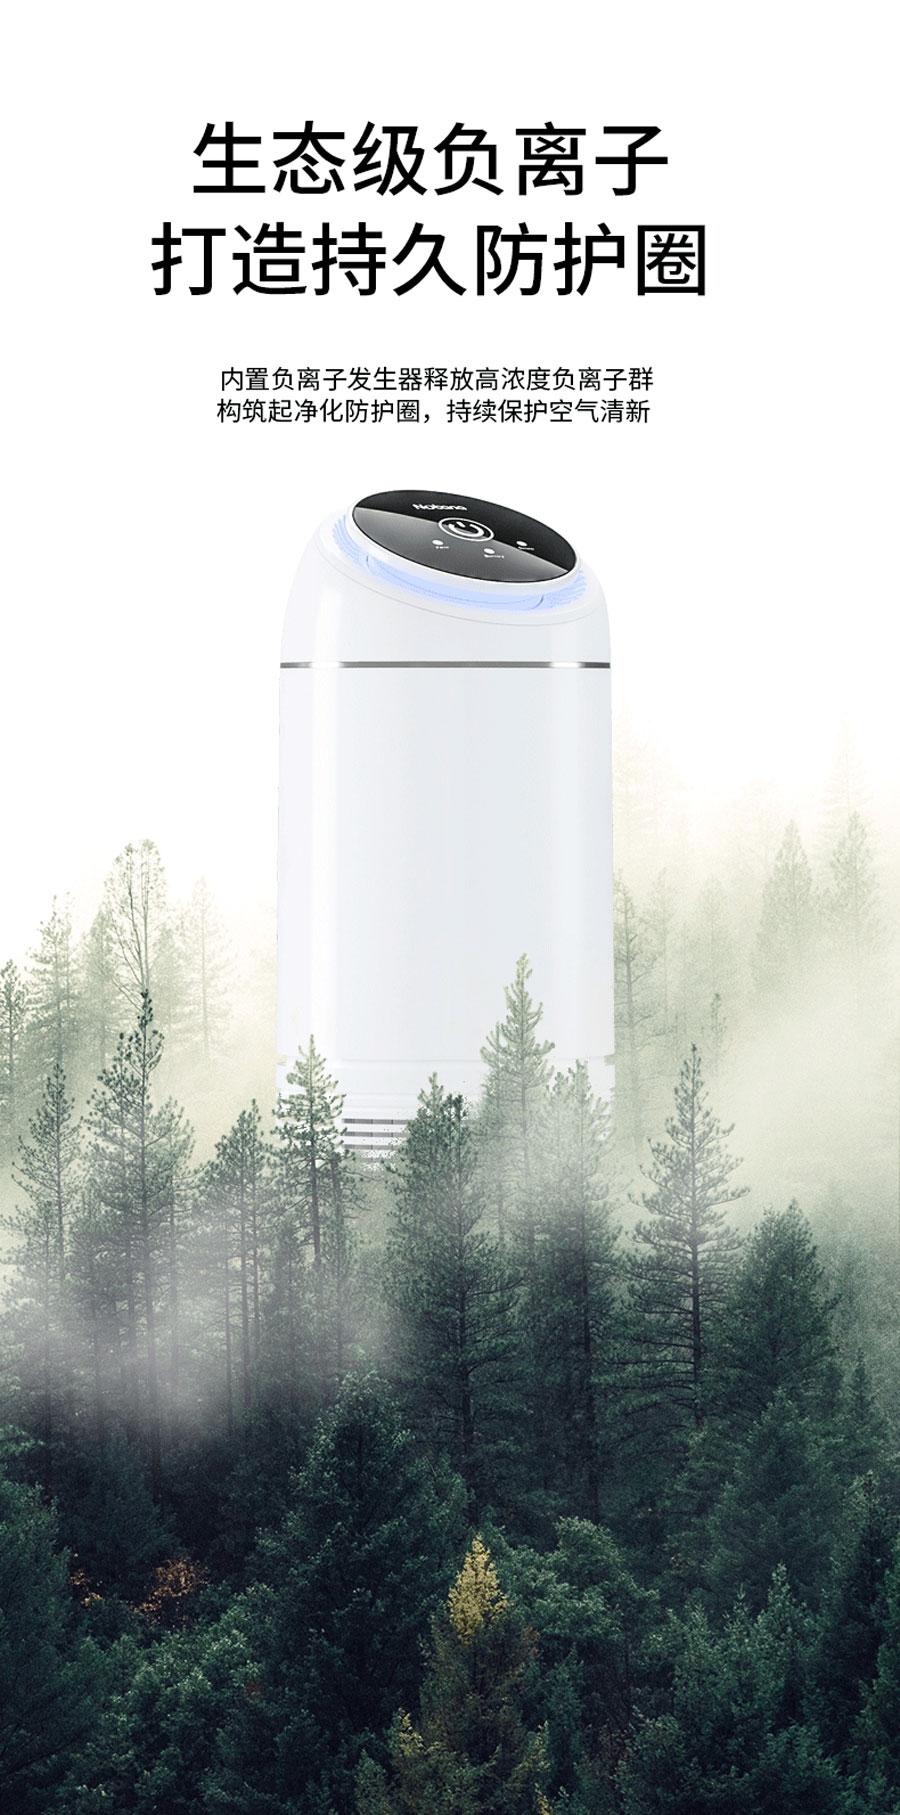 空气净化器代理